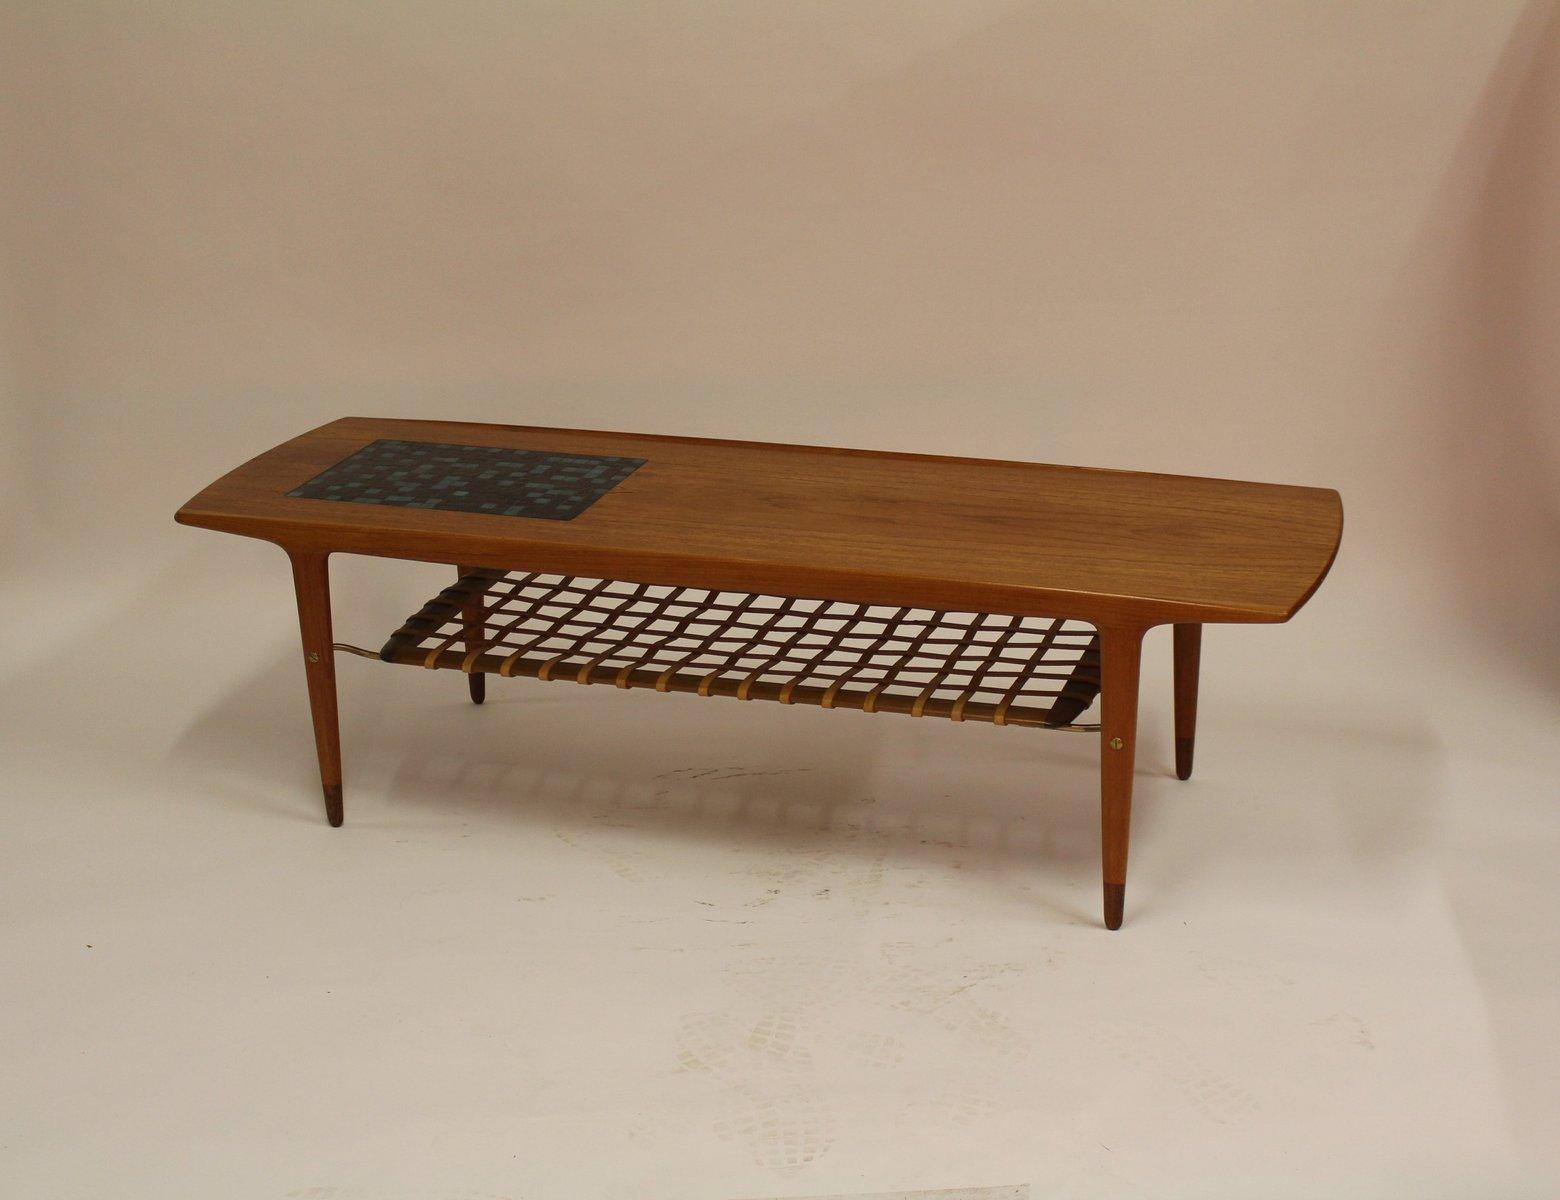 d nischer vintage teak couchtisch und zeitschriftenablage. Black Bedroom Furniture Sets. Home Design Ideas